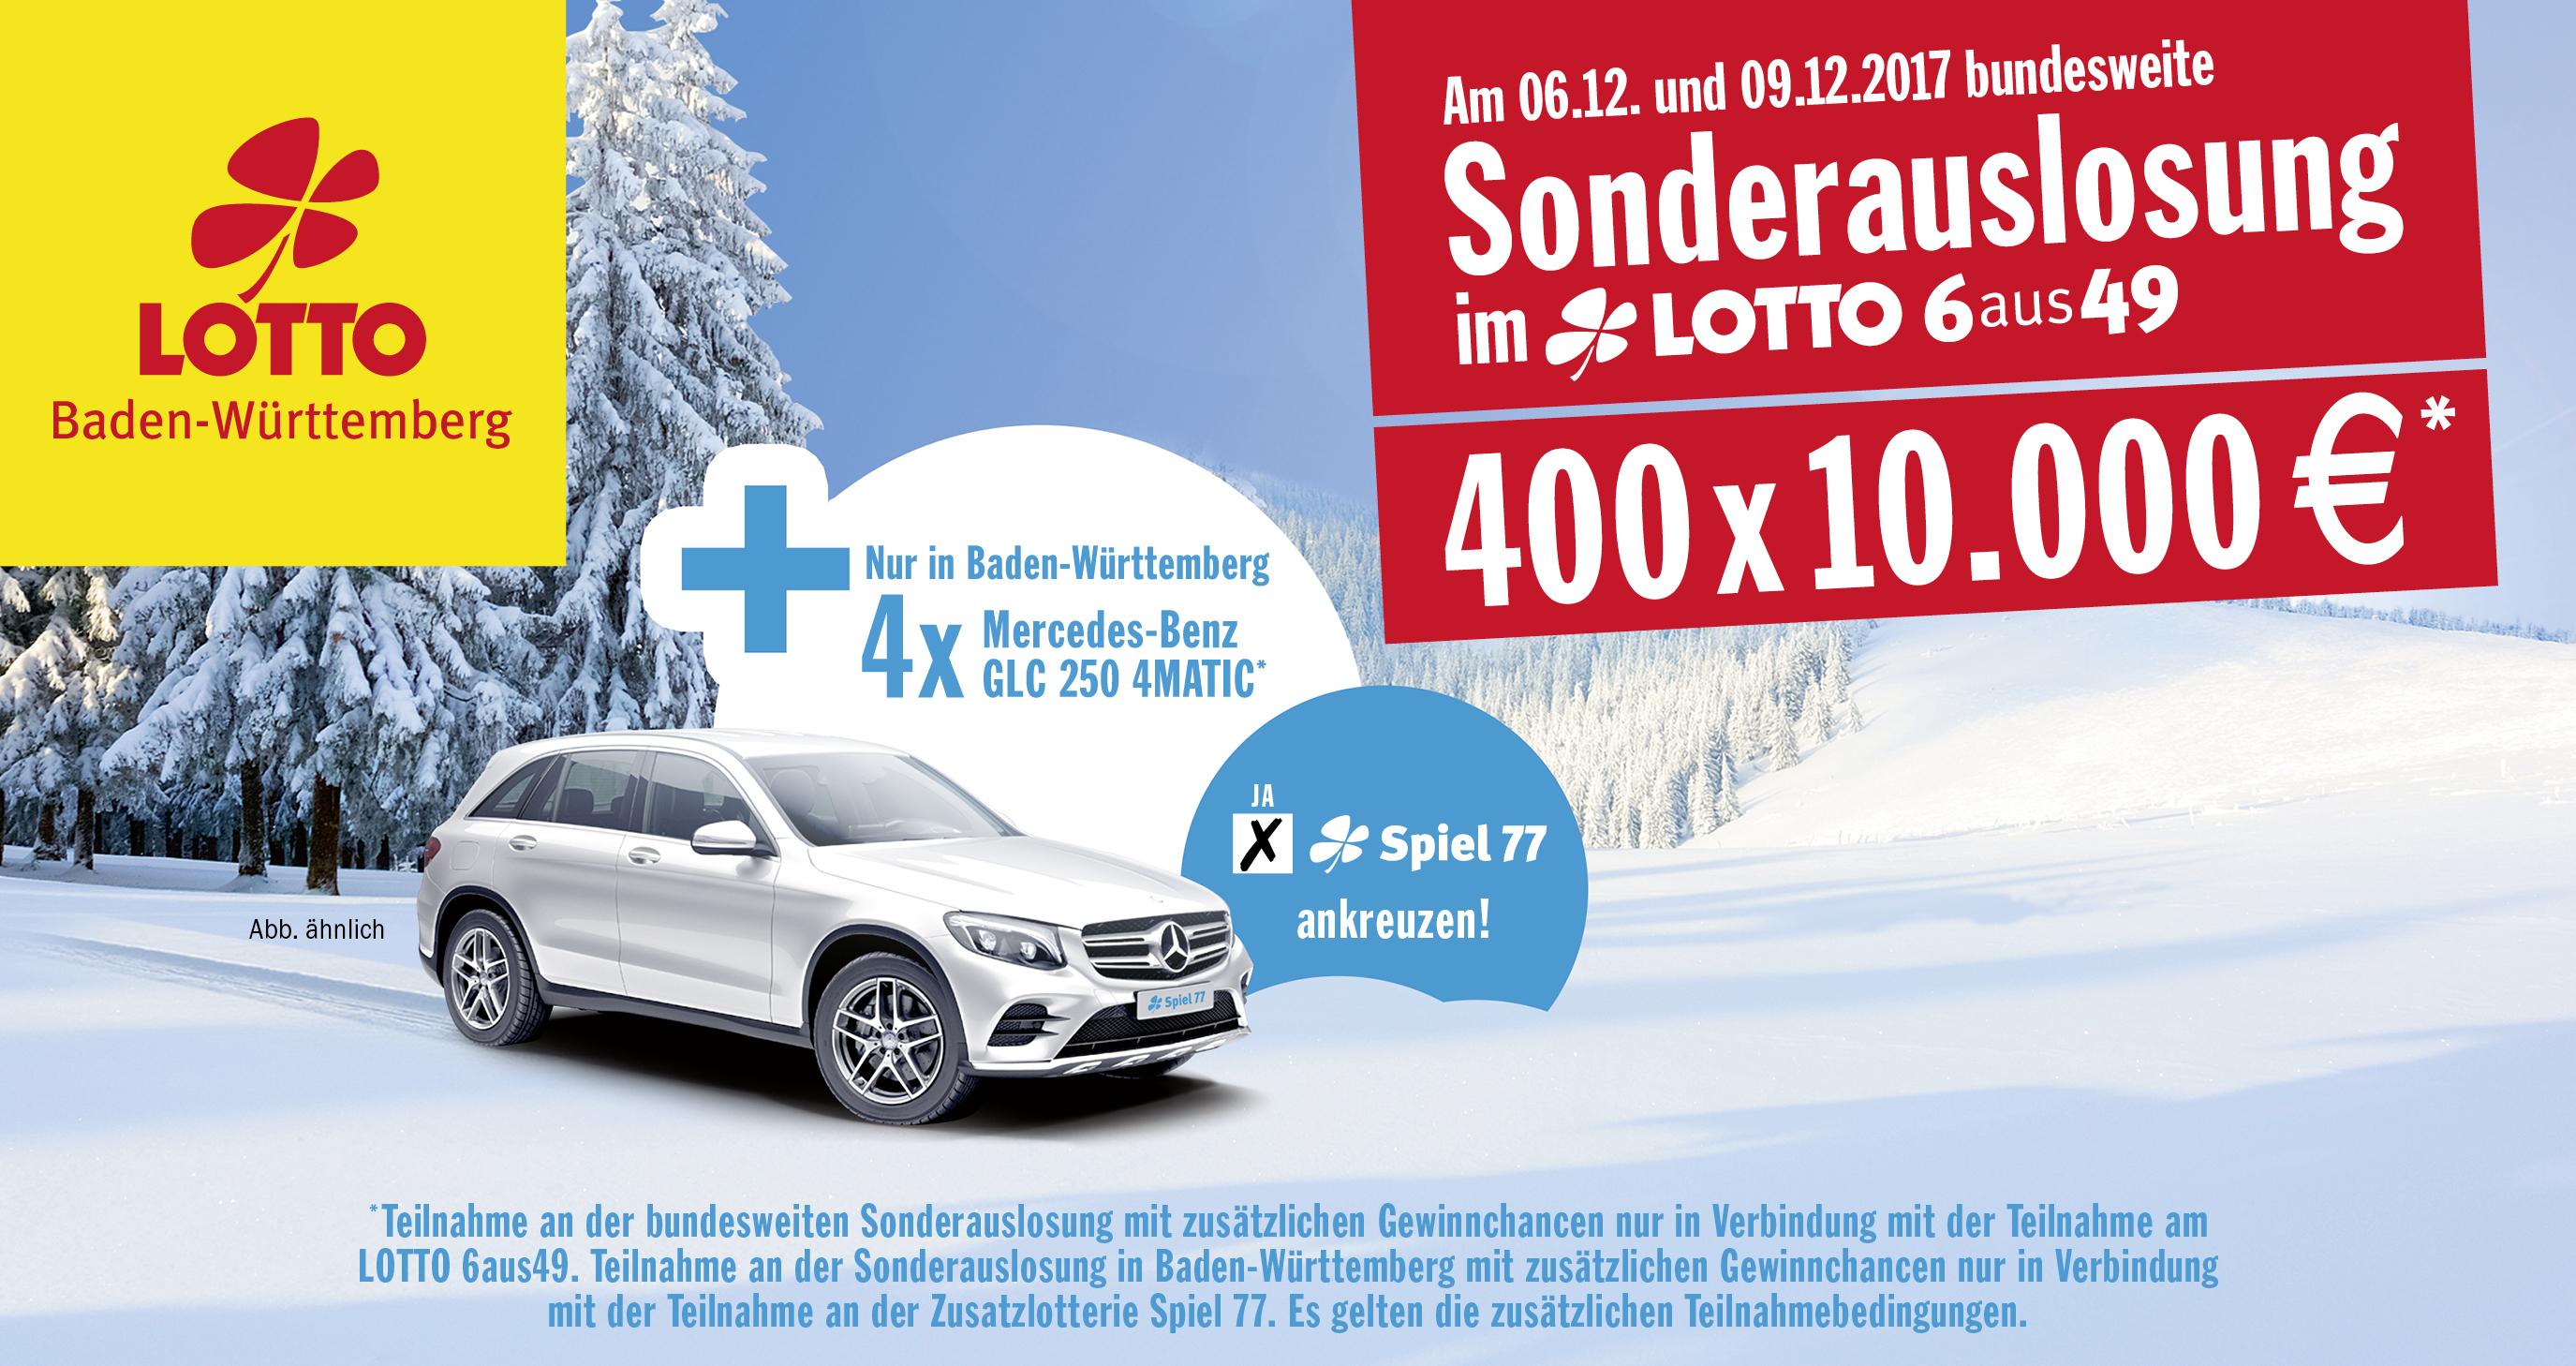 Lotto Sonderauslosung Nikolaus